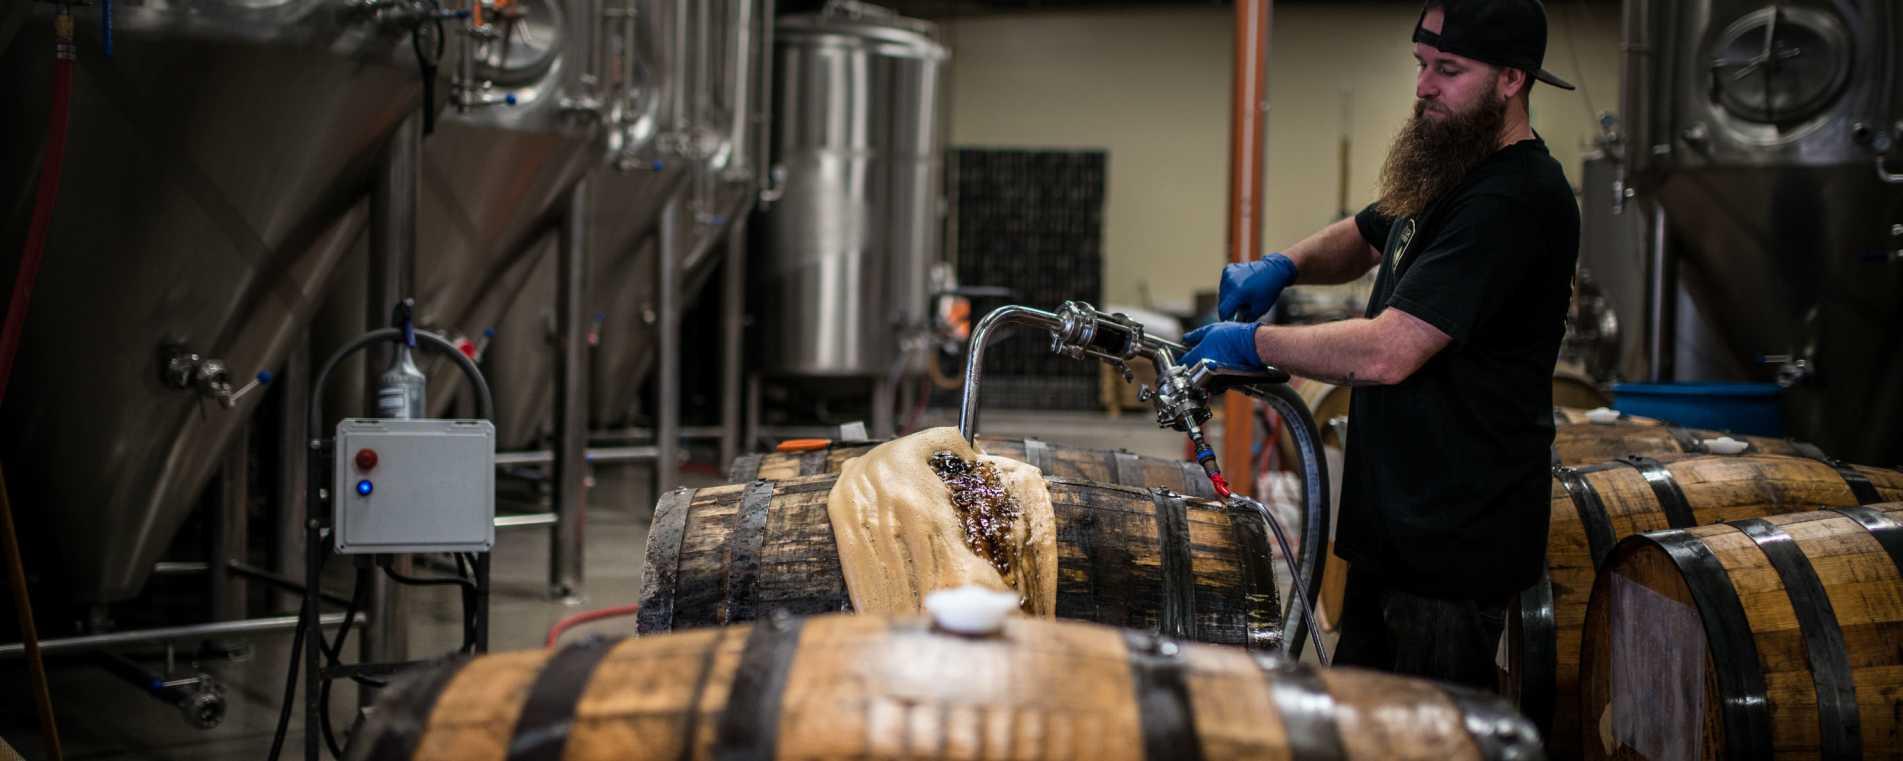 Refuge Brewery Temecula CA